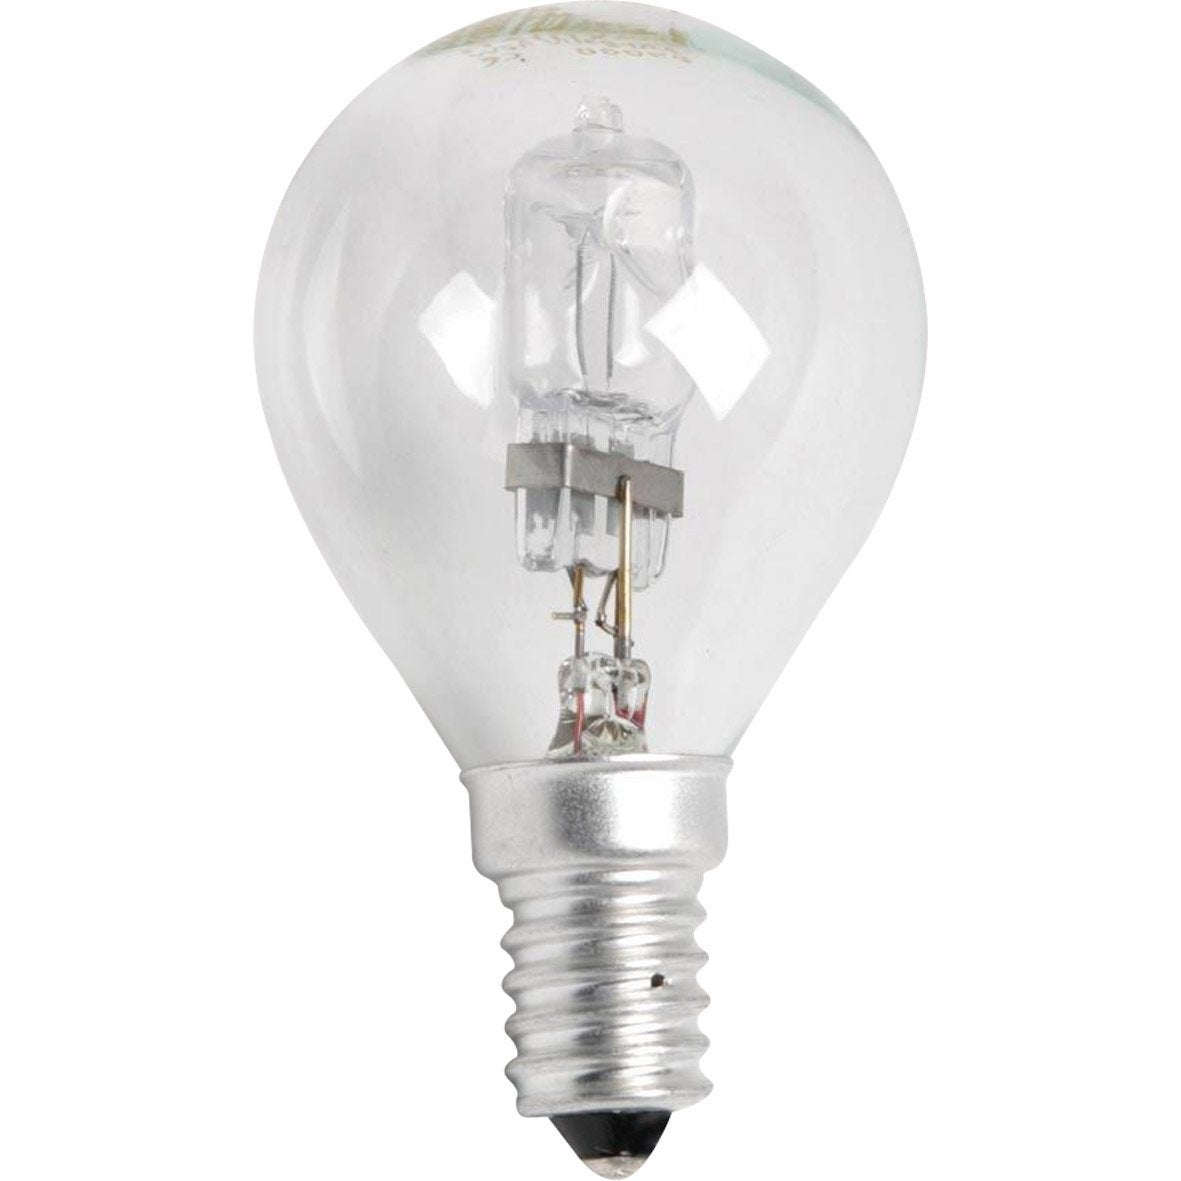 ampoule spherique halogene eco 42w lexman e 14 lumiere. Black Bedroom Furniture Sets. Home Design Ideas